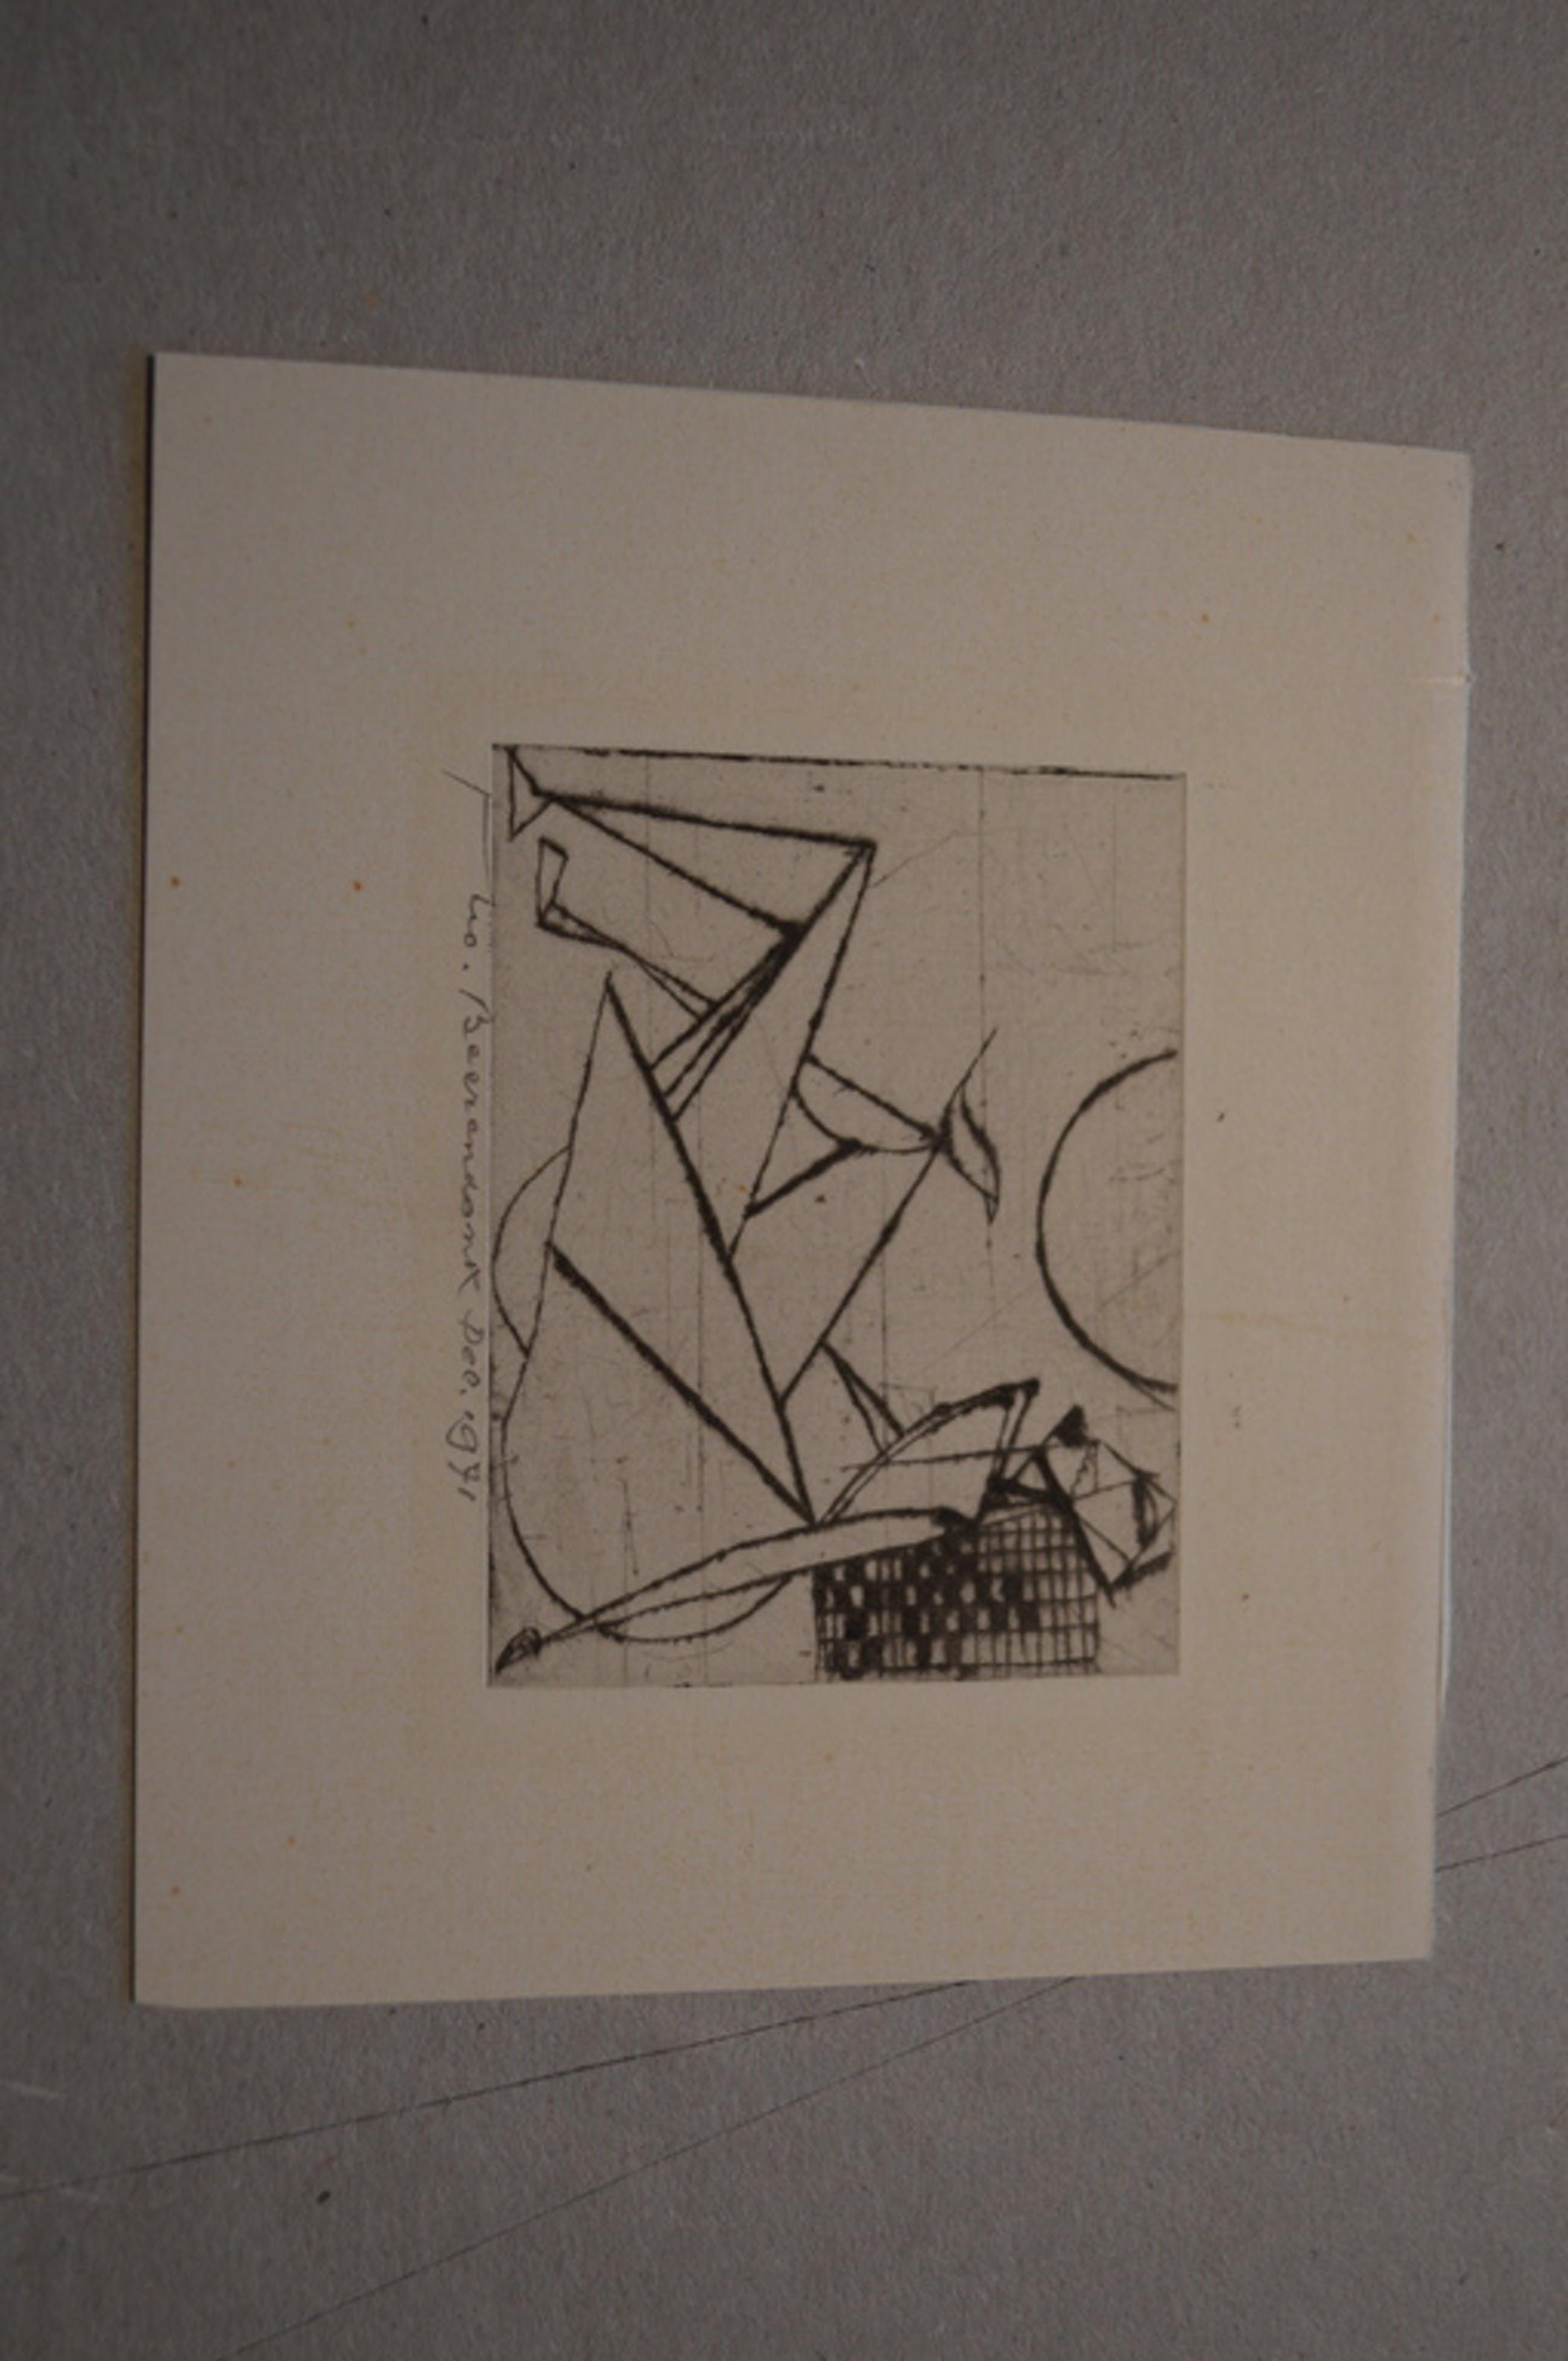 Theo Beerendonk ( 1905-1979) ets, naakt, 12.1971 - 6,5 x 7 (11 x 9 )  kopen? Bied vanaf 20!